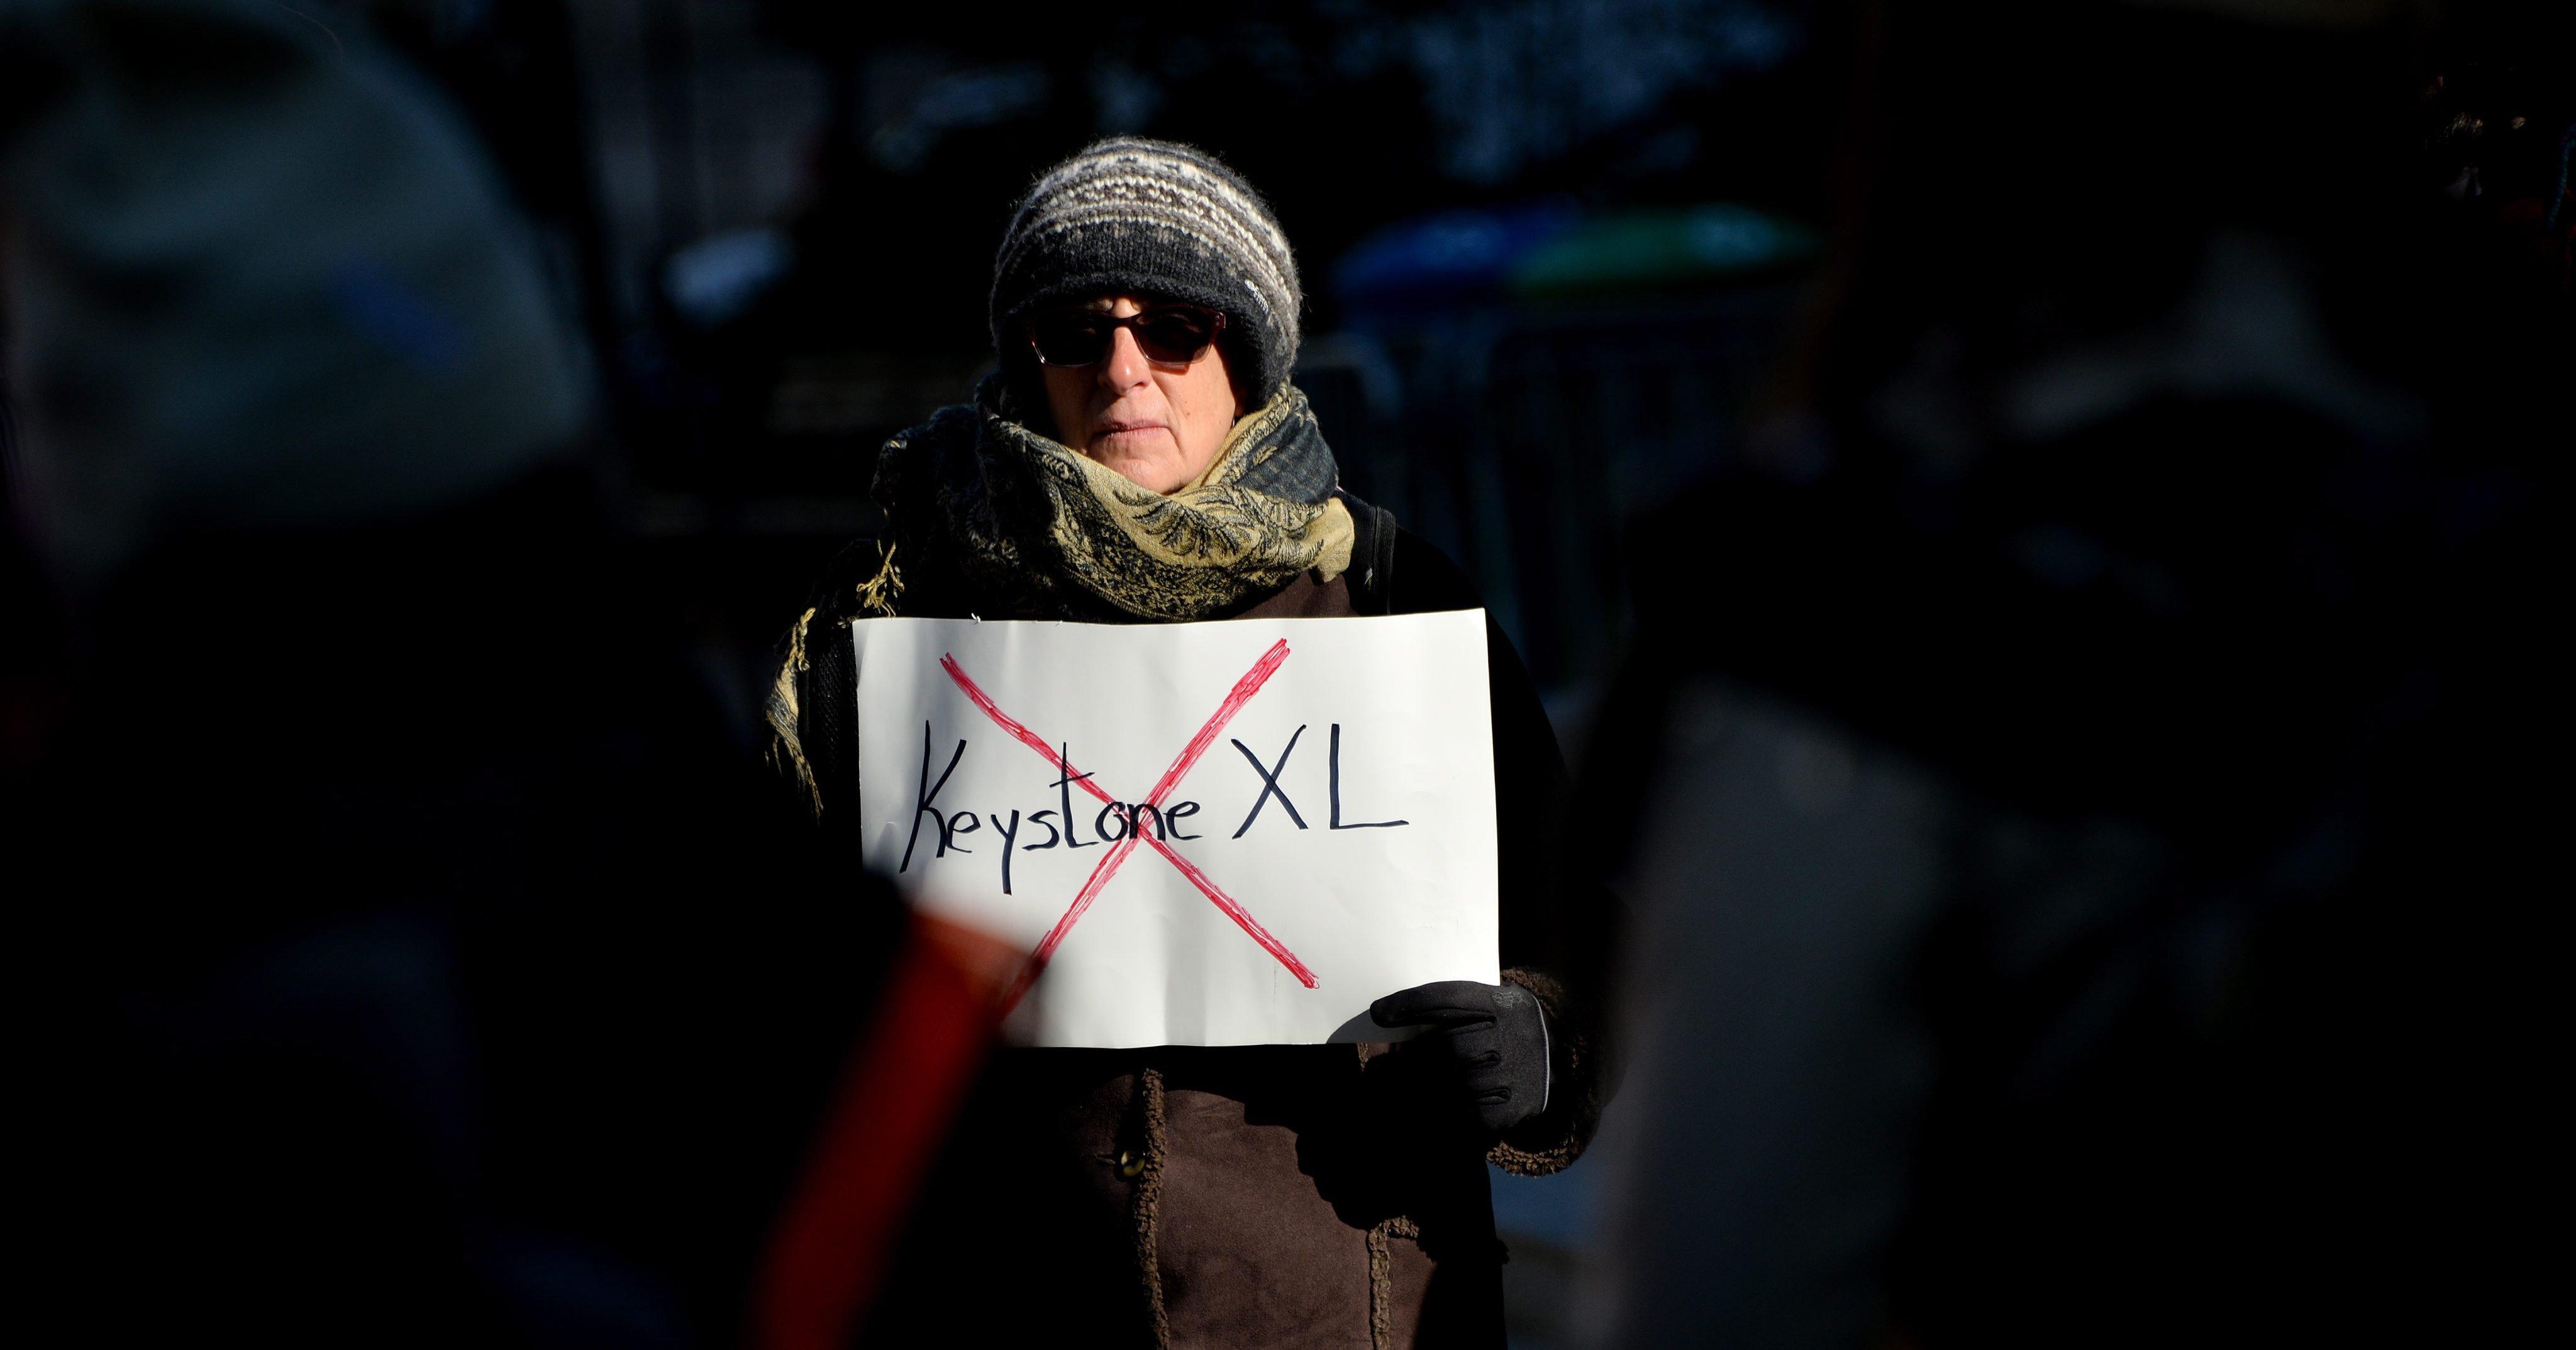 Protestaktion gegen den Pipelinebau. Die 1900 Kilometer lange Verbindung würde Öl aus kanadischen Teersanden zu texanischen Raffinerien bringen. Die Ölsandgewinnung stößt bei Umweltschützern auf scharfe Kritik.